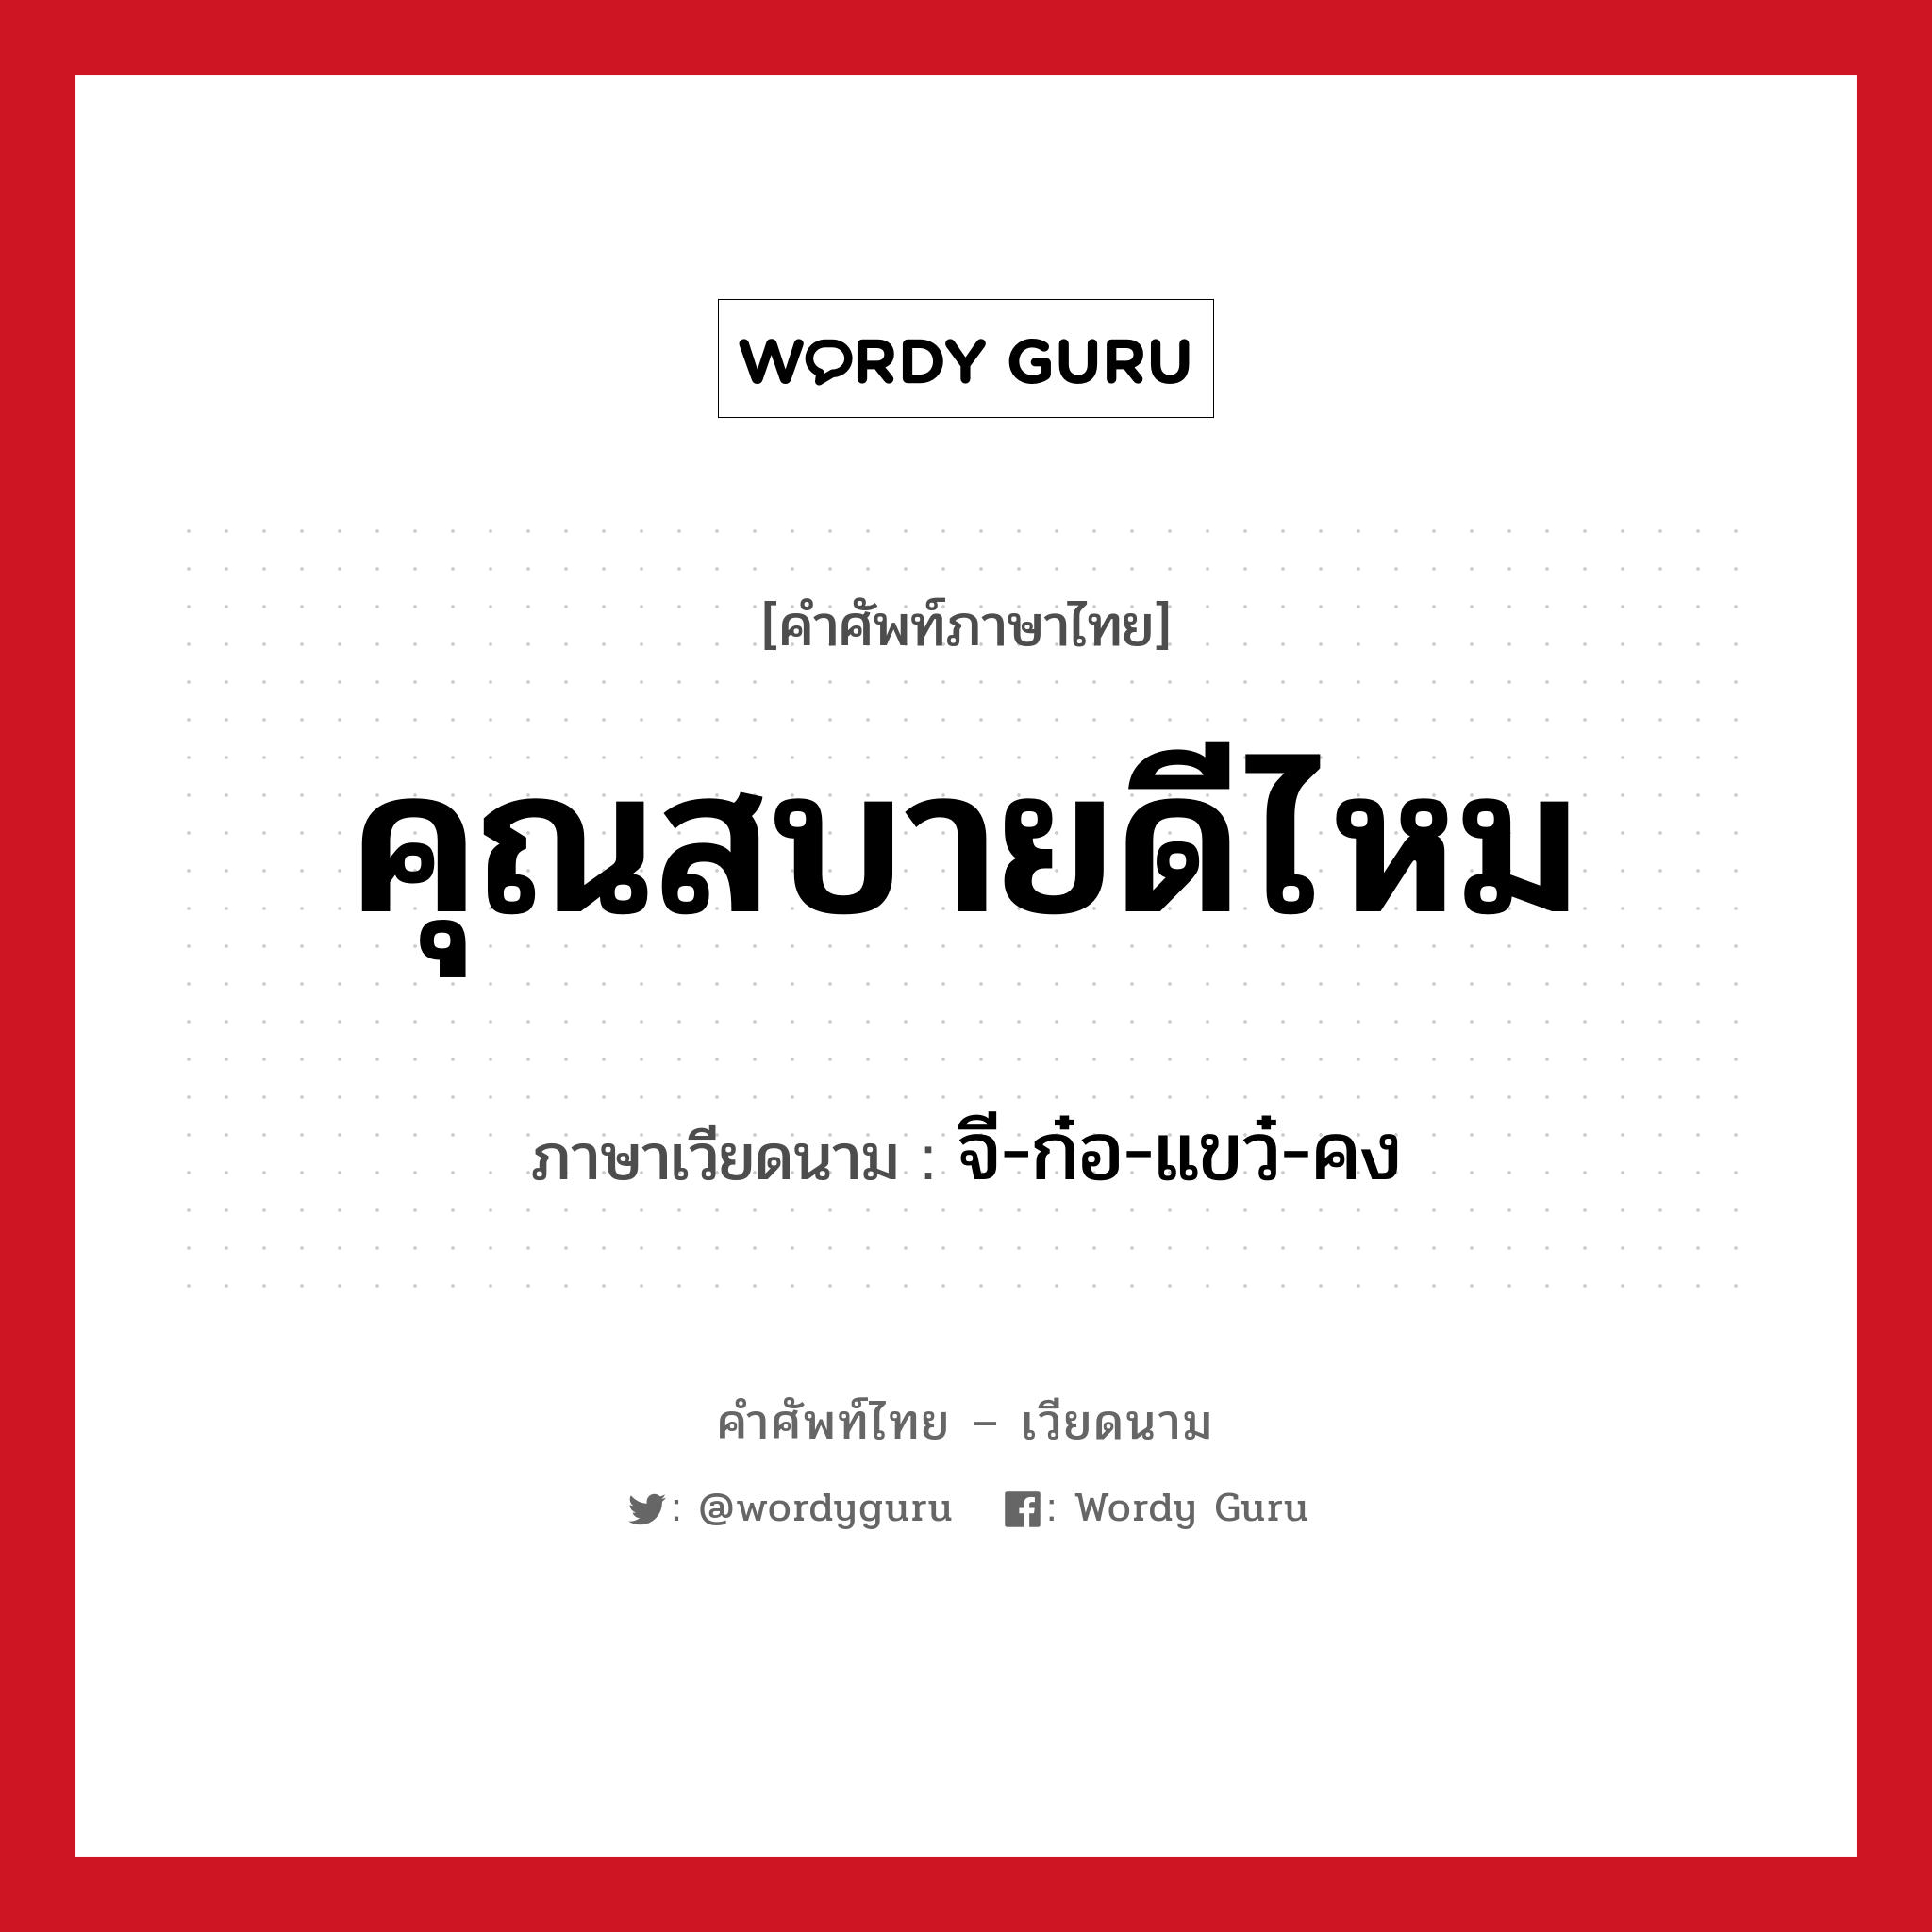 คุณสบายดีไหม ภาษาเวียดนาม คืออะไร - คำศัพท์ไทย – เวียดนาม